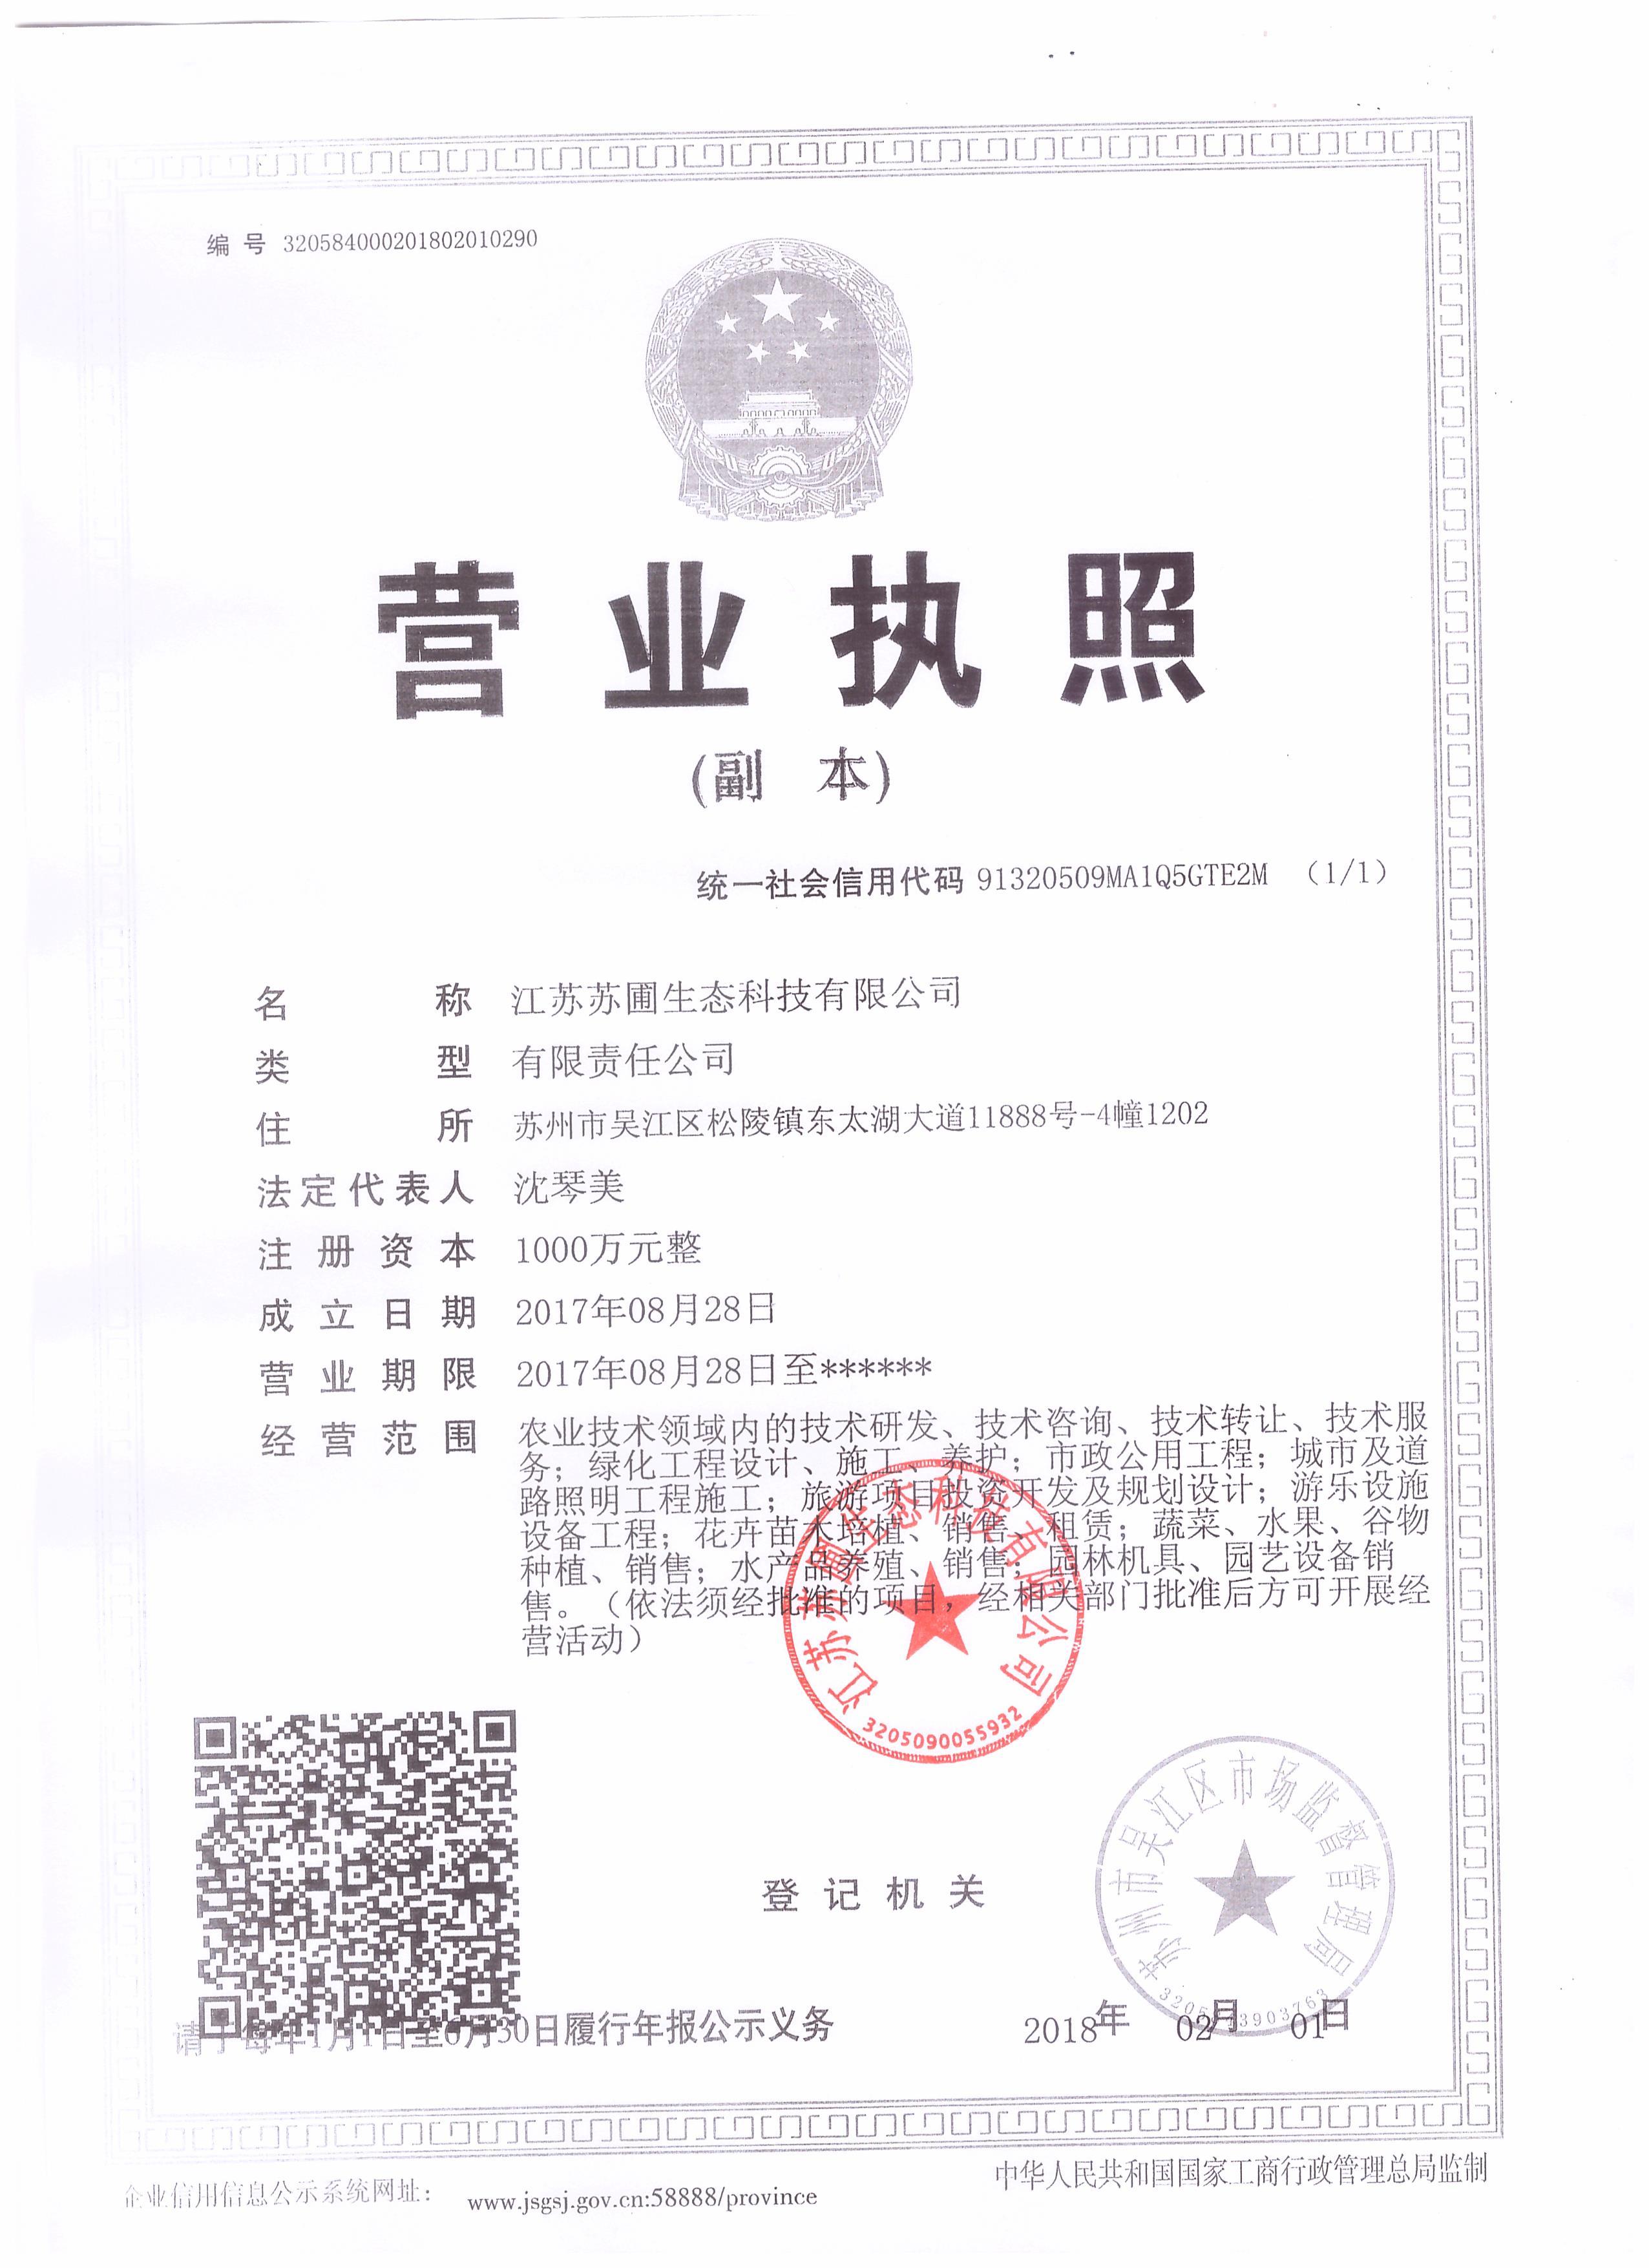 江苏苏圃生态科技有限公司